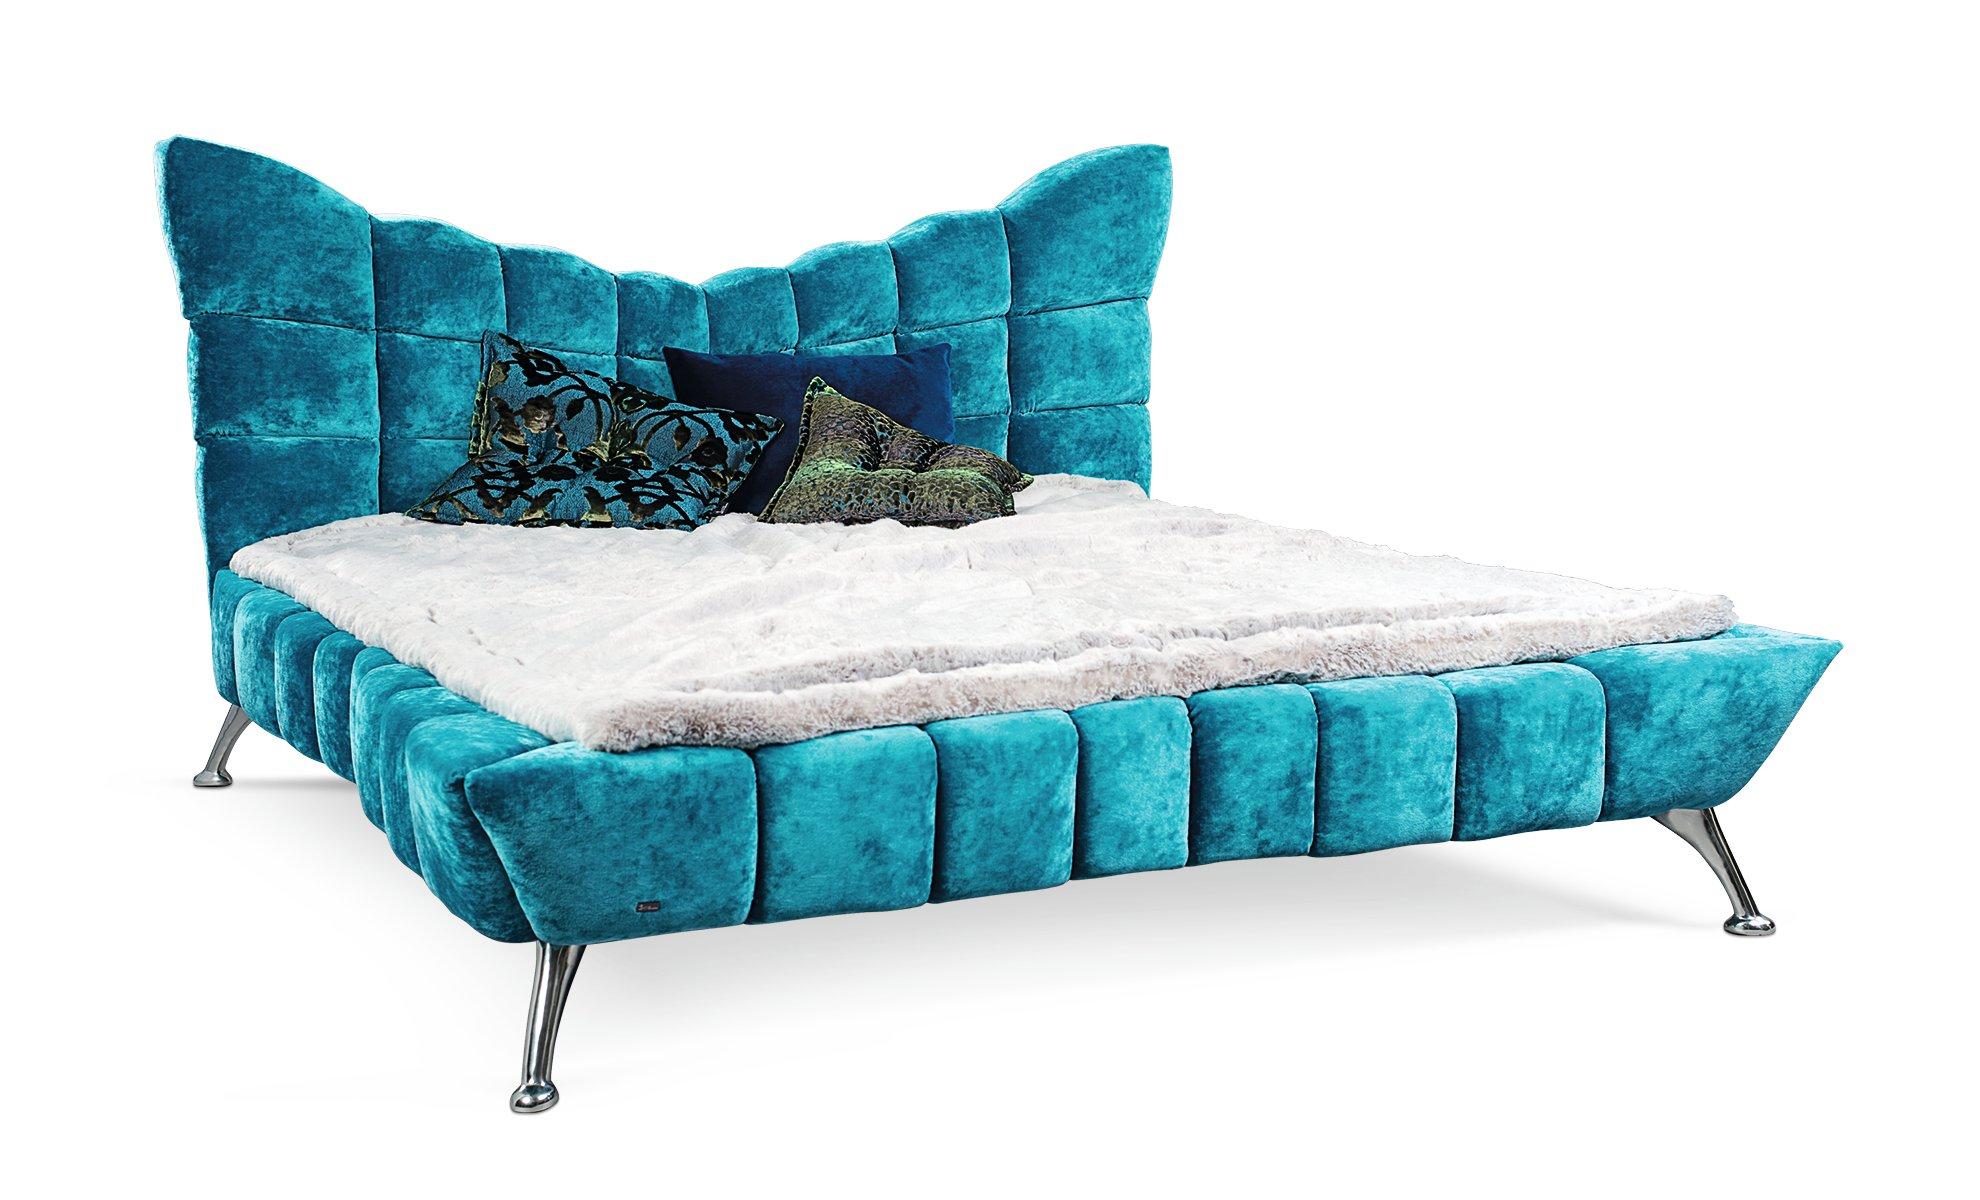 cloud7 beds bretz. Black Bedroom Furniture Sets. Home Design Ideas